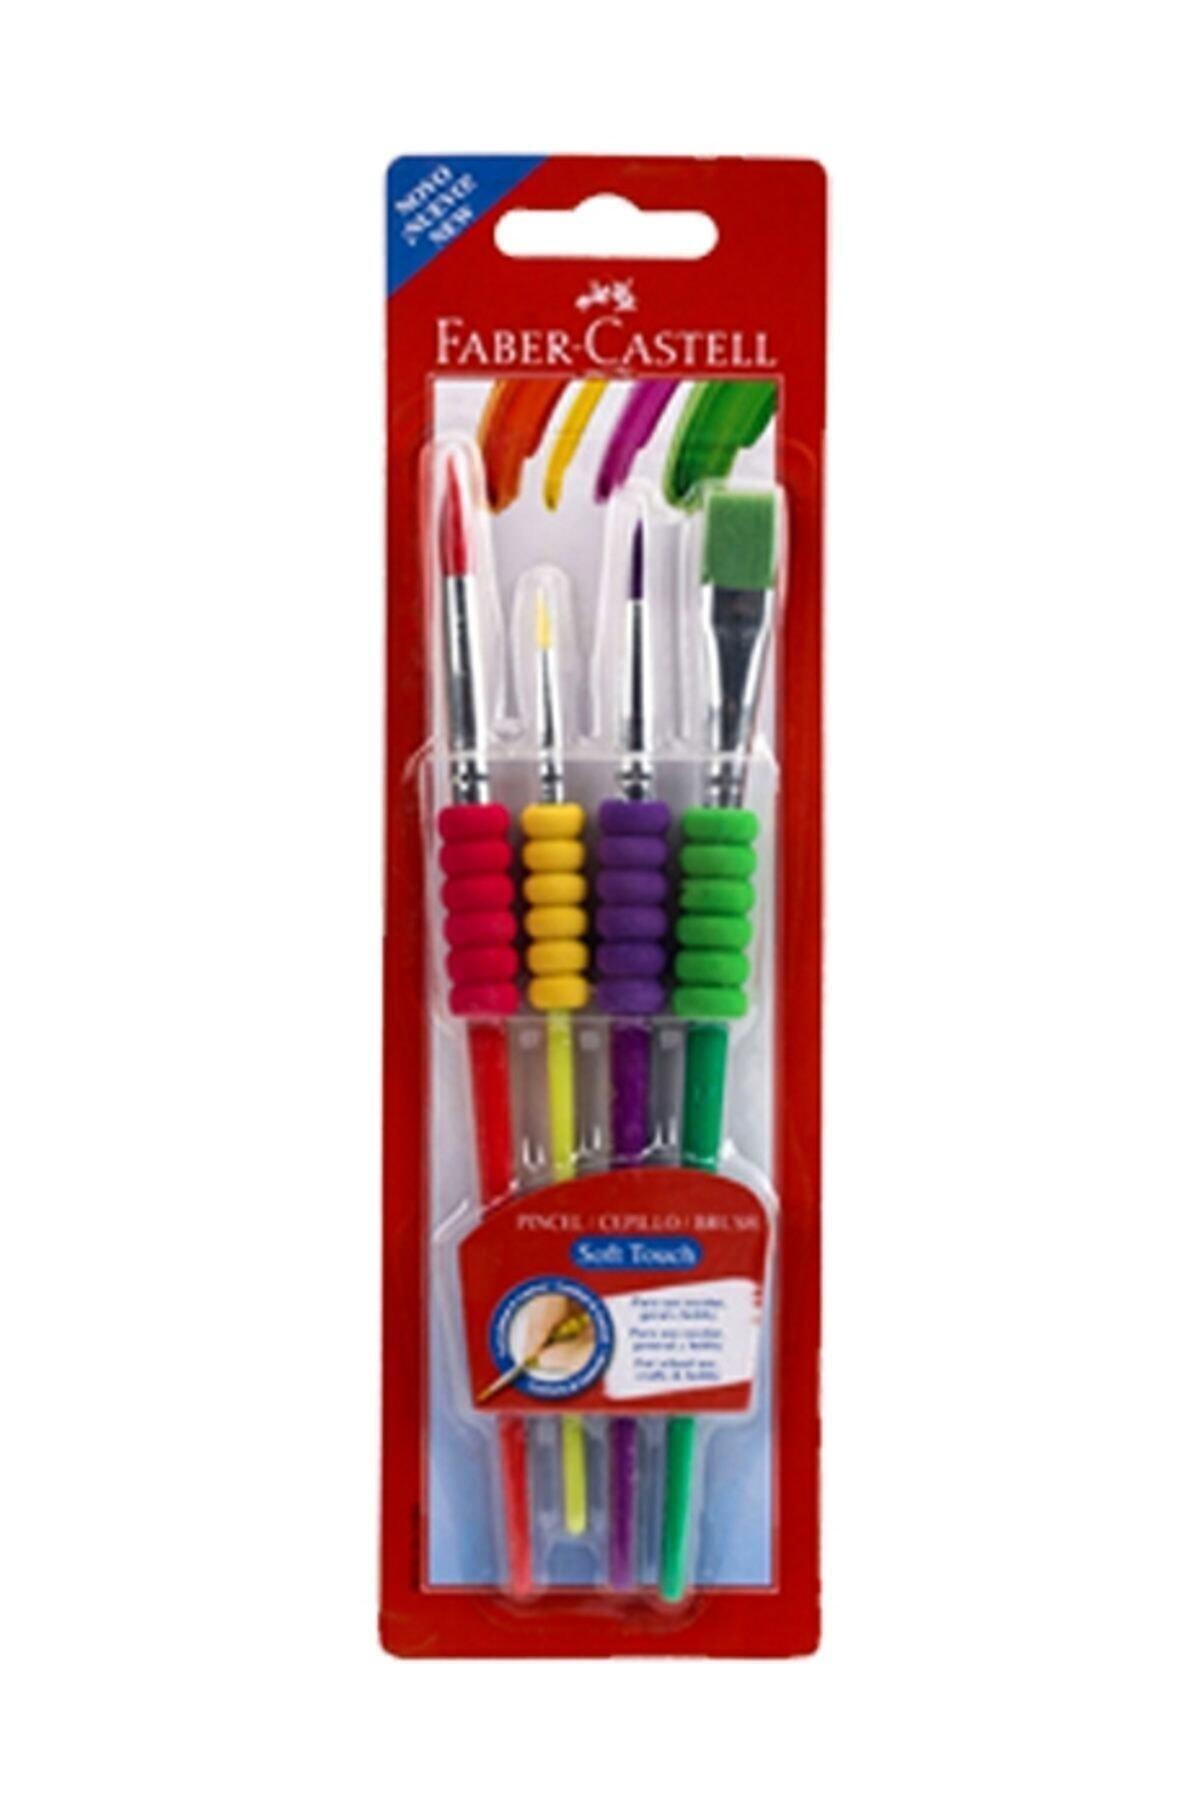 Faber Castell Faber-castell Fırça Seti Soft Touch 4 Lü 5291181620000 1